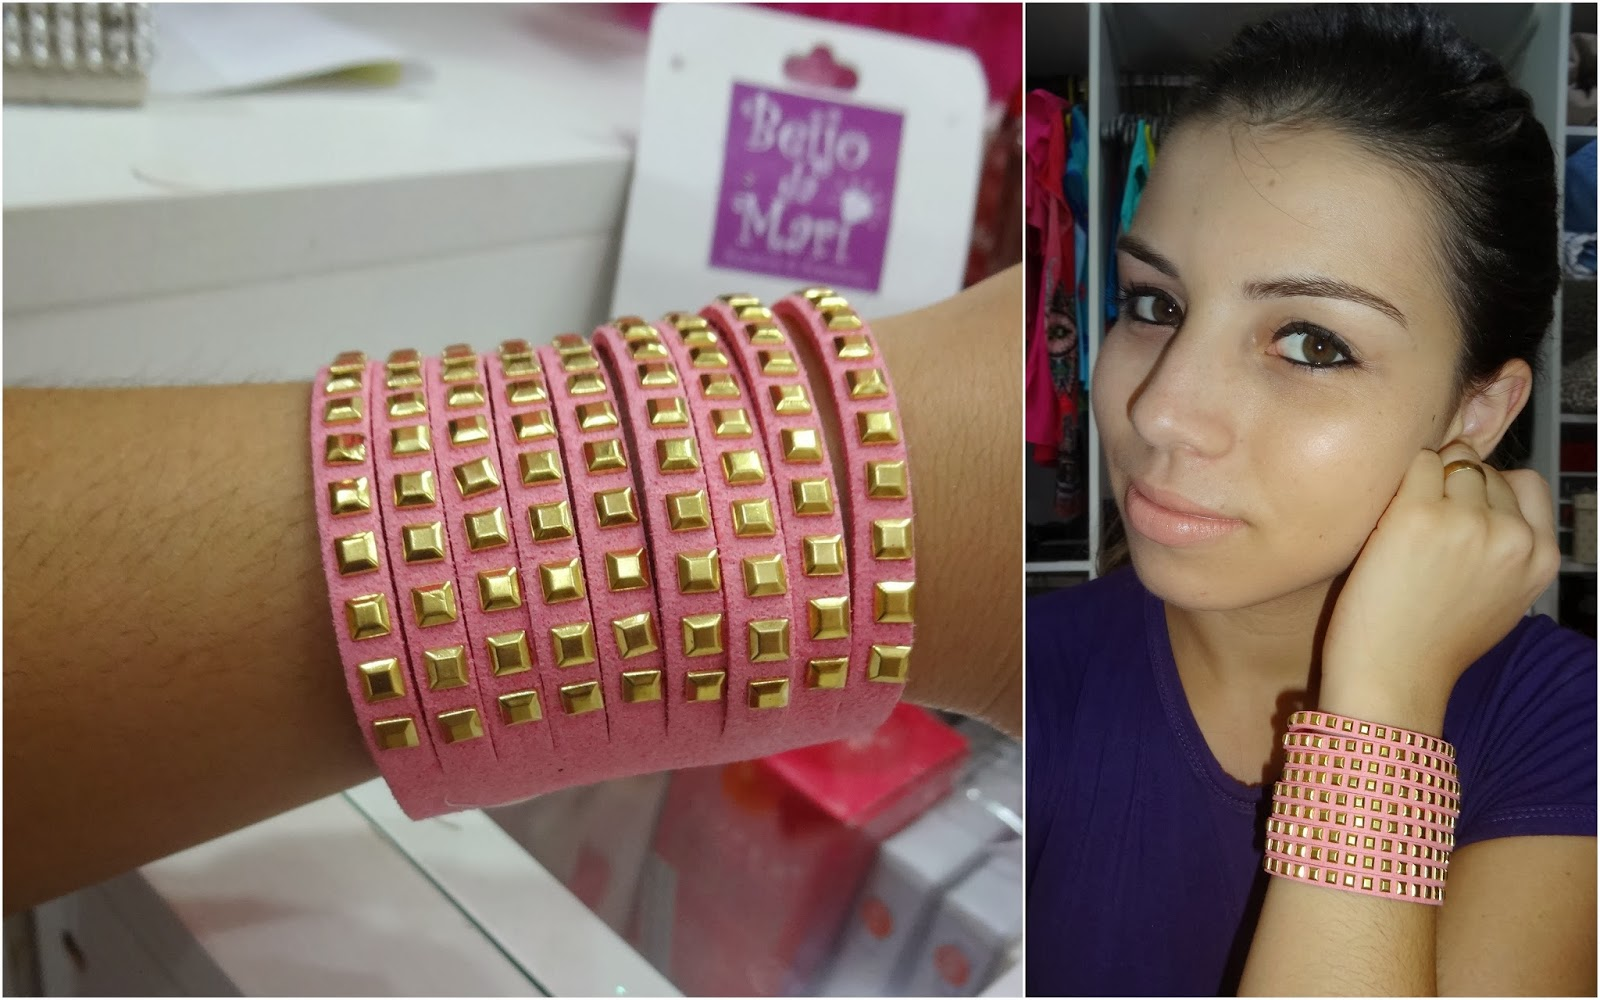 http://beijodamari.tanlup.com/product/865538/pulseira-051